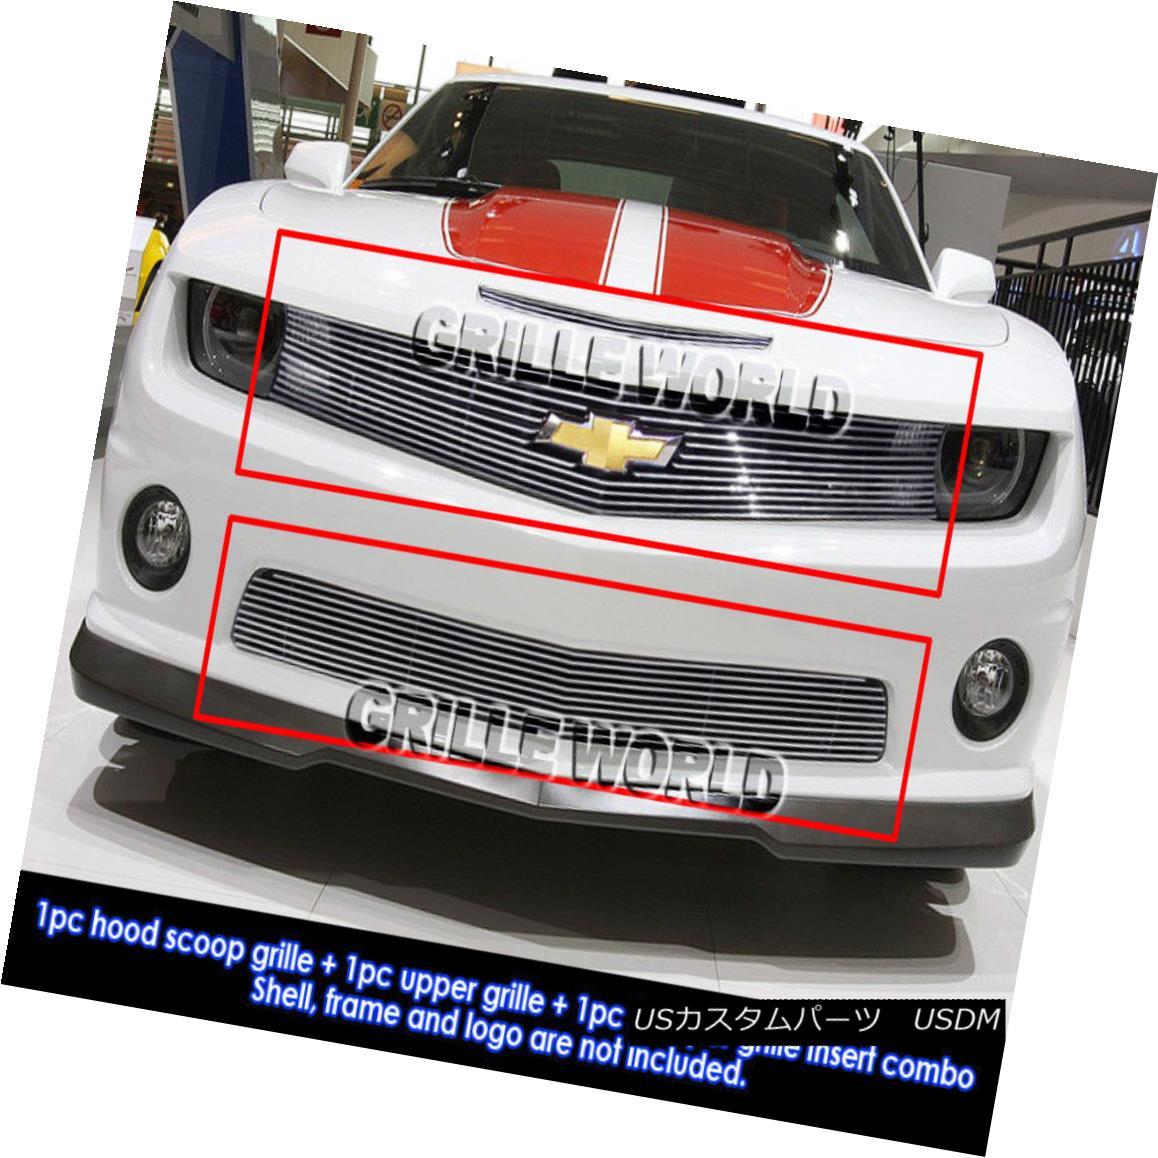 グリル For 2010-2013 Chevy Camaro SS V8 Billet Grille Grill Combo Insert 2010-2013シボレーカマロSS V8ビレットグリルグリルコンボインサート